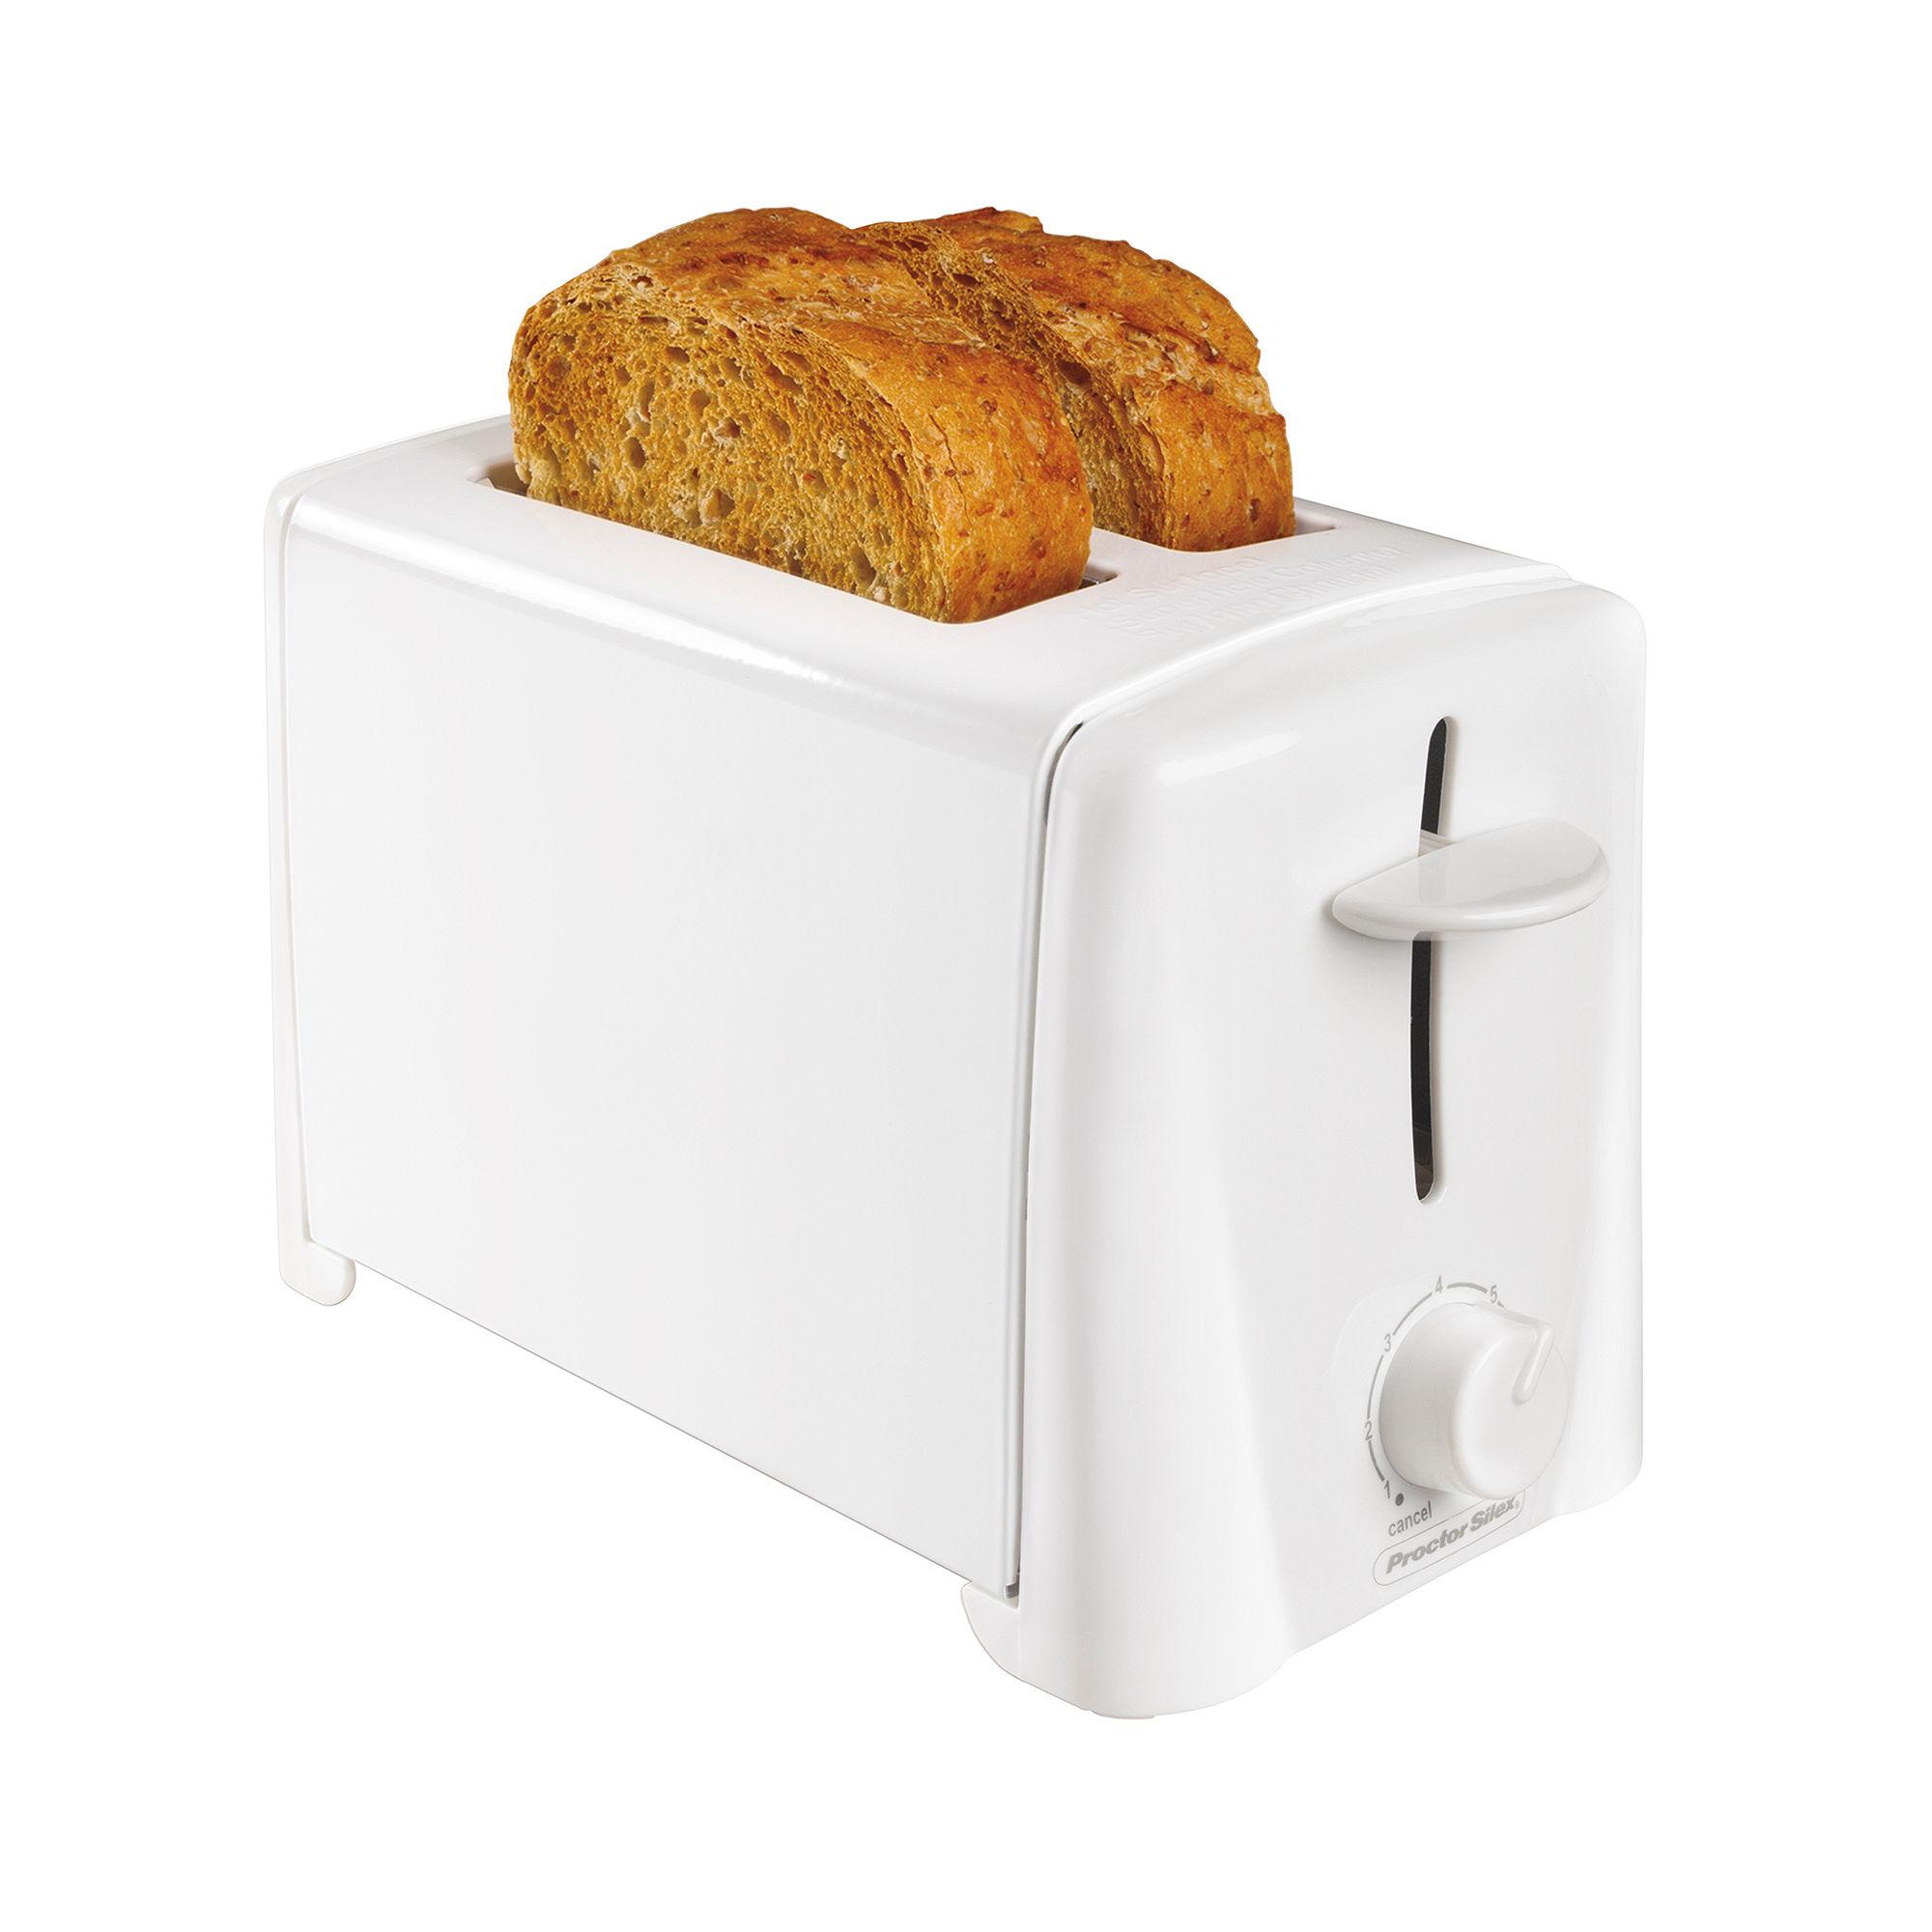 Proctor-Silex 2-Slice Toaster